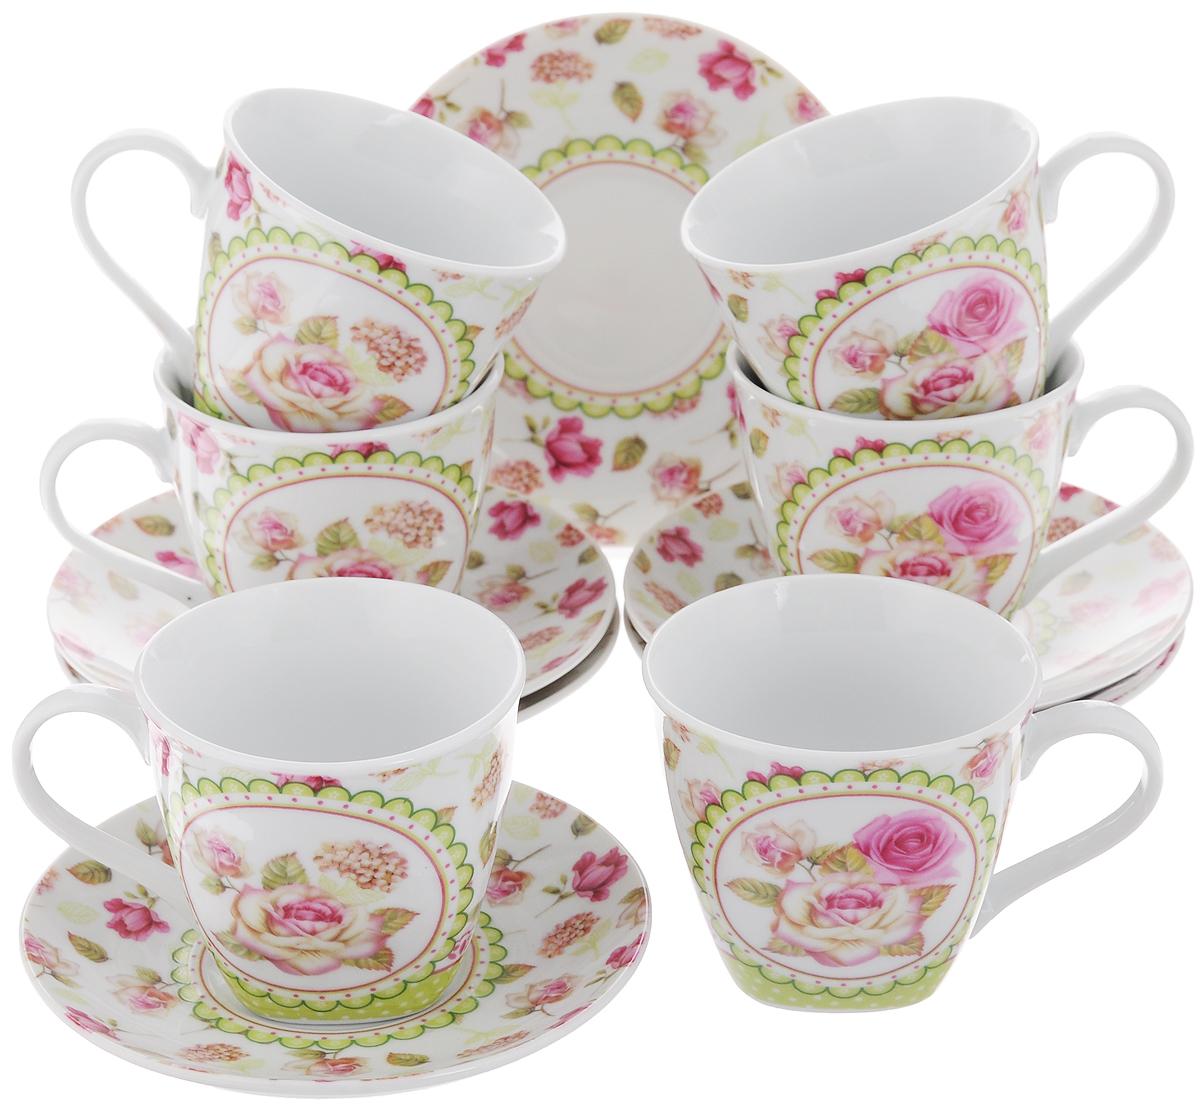 Набор чайный Loraine, 12 предметов. 2579825798Чайный набор Loraine состоит из 6 чашек и 6 блюдец. Изделия выполнены из высококачественного костяного фарфора и оформлены цветочным рисунком. Такой набор дополнит сервировку стола к чаепитию. Благодаря изысканному дизайну и качеству исполнения он станет замечательным подарком для ваших друзей и близких. Набор упакован в подарочную коробку, задрапированную белой атласной тканью. Объем чашки: 220 мл. Диаметр чашки по верхнему краю: 8,3 см. Высота чашки: 7,5 см. Диаметр блюдца: 14 см.Высота блюдца: 2,2 см.